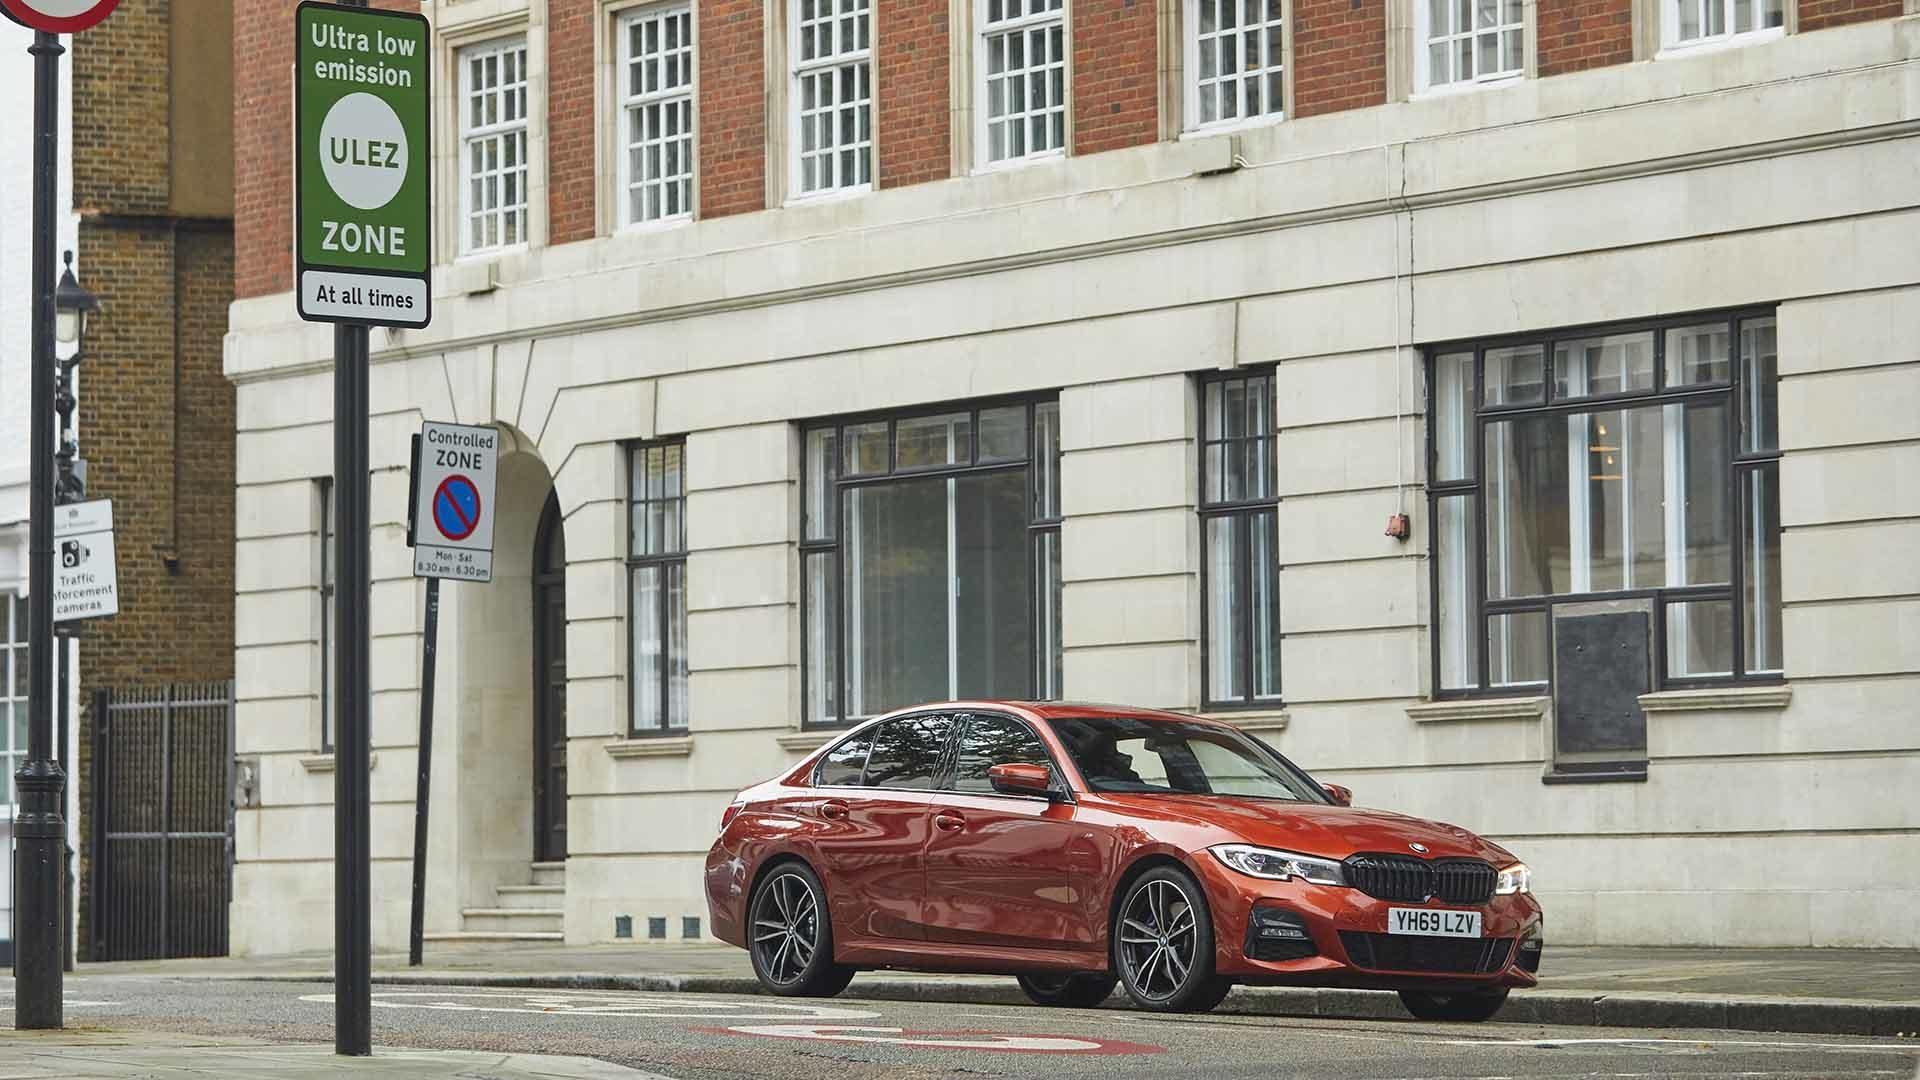 New BMW eDrive Zones